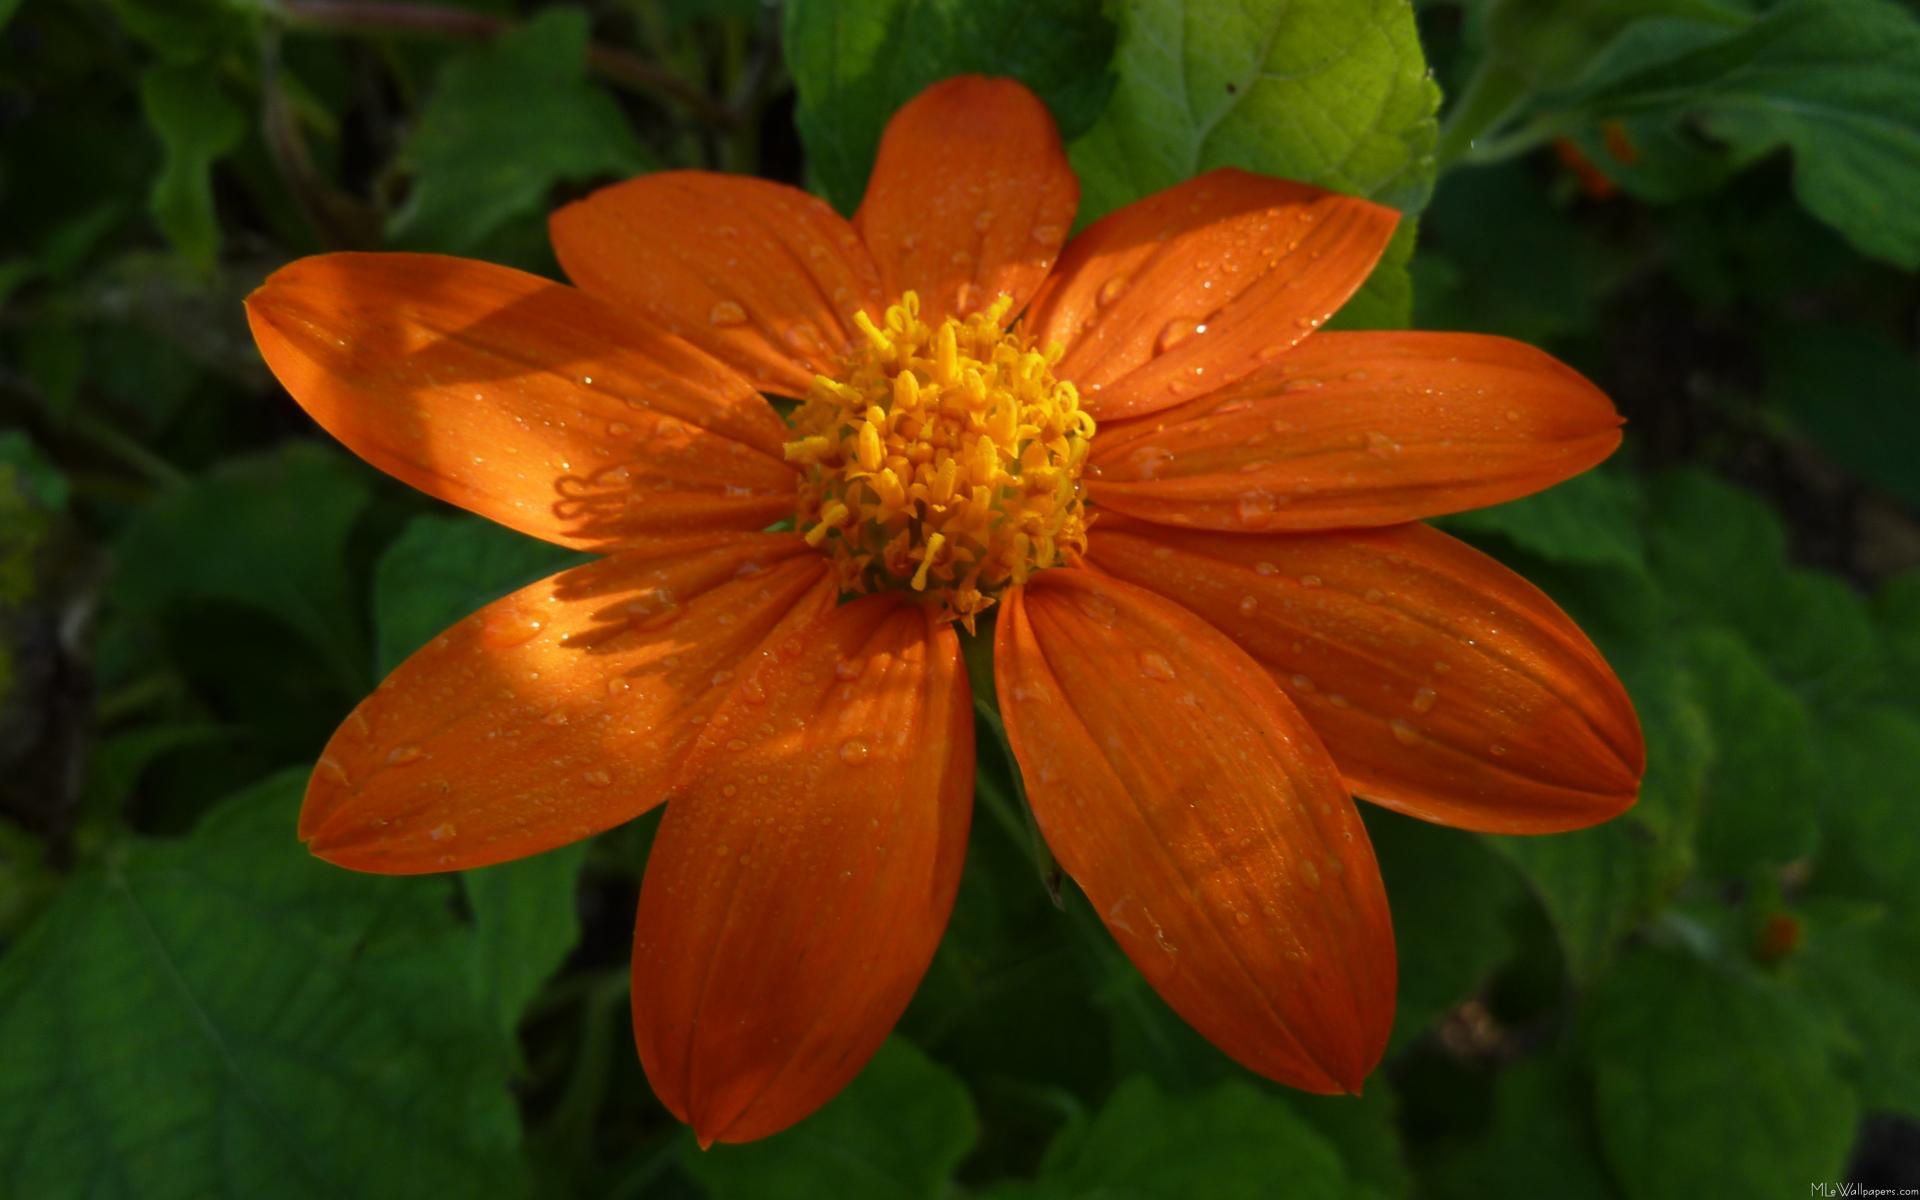 Orange Flower wallpaper - 435147